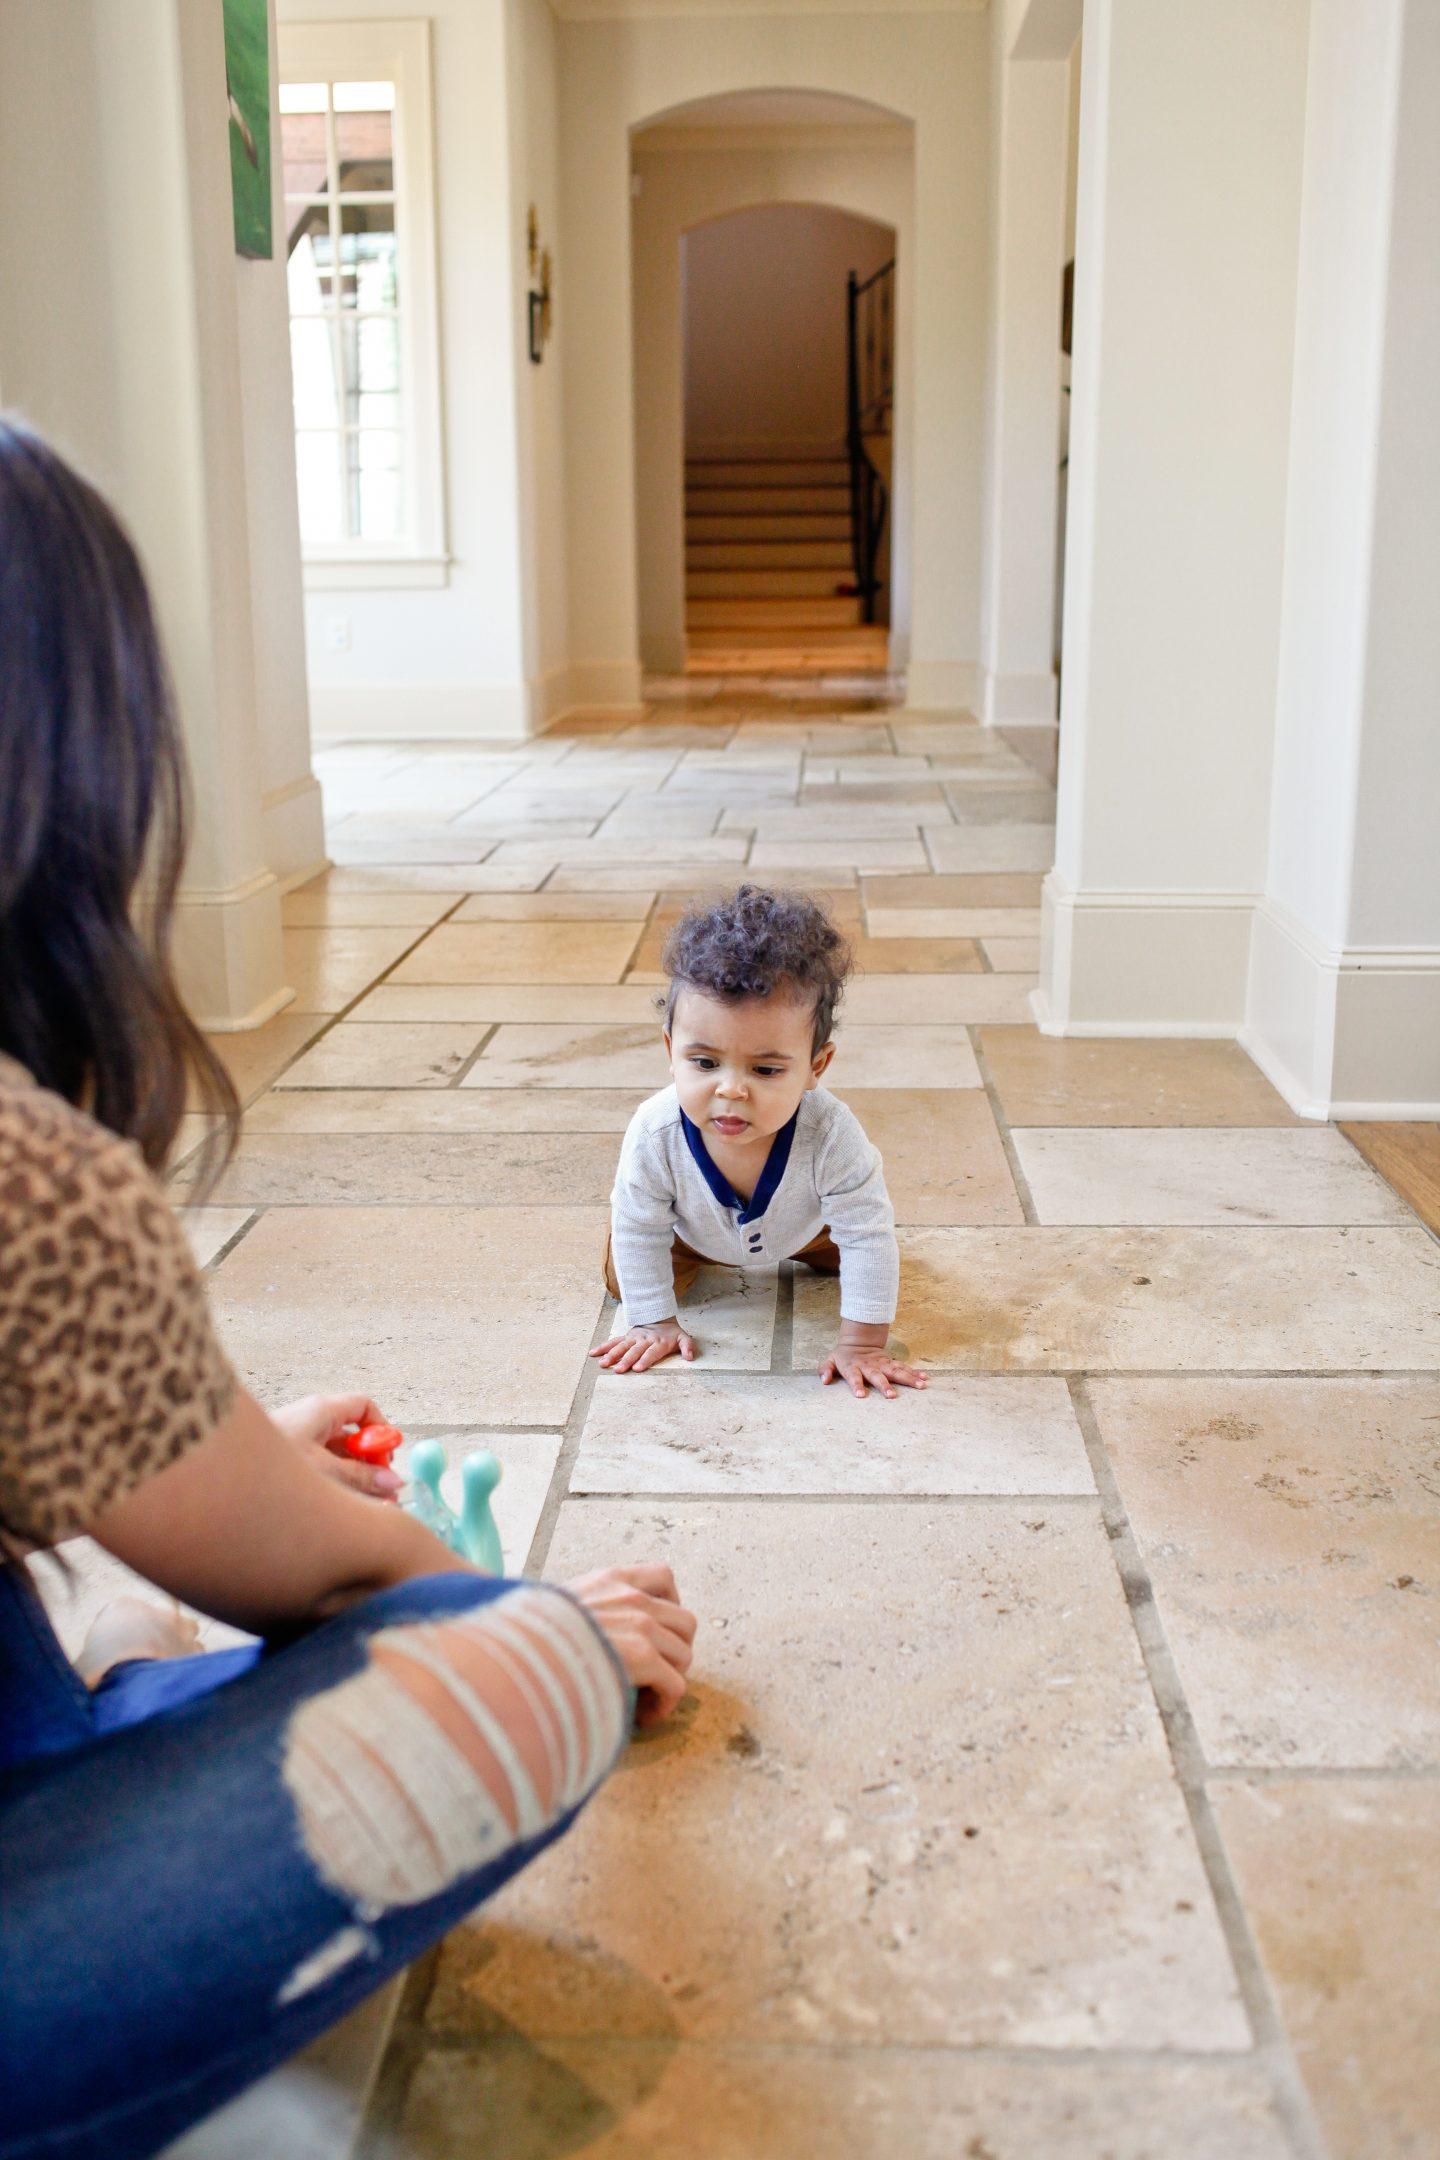 memphis floor cleaning